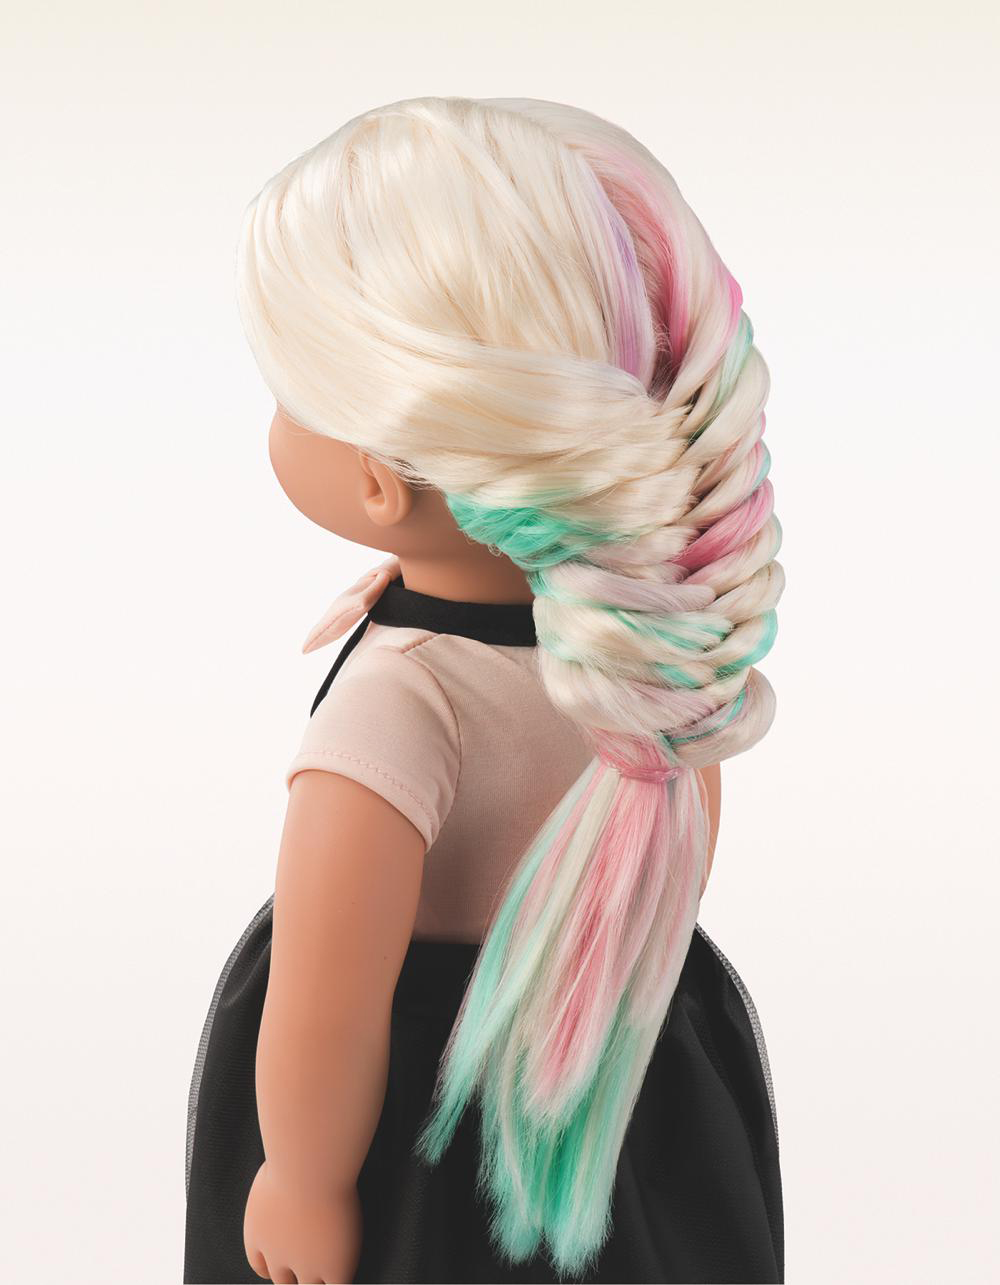 Deluxe Doll OG - Amya 18